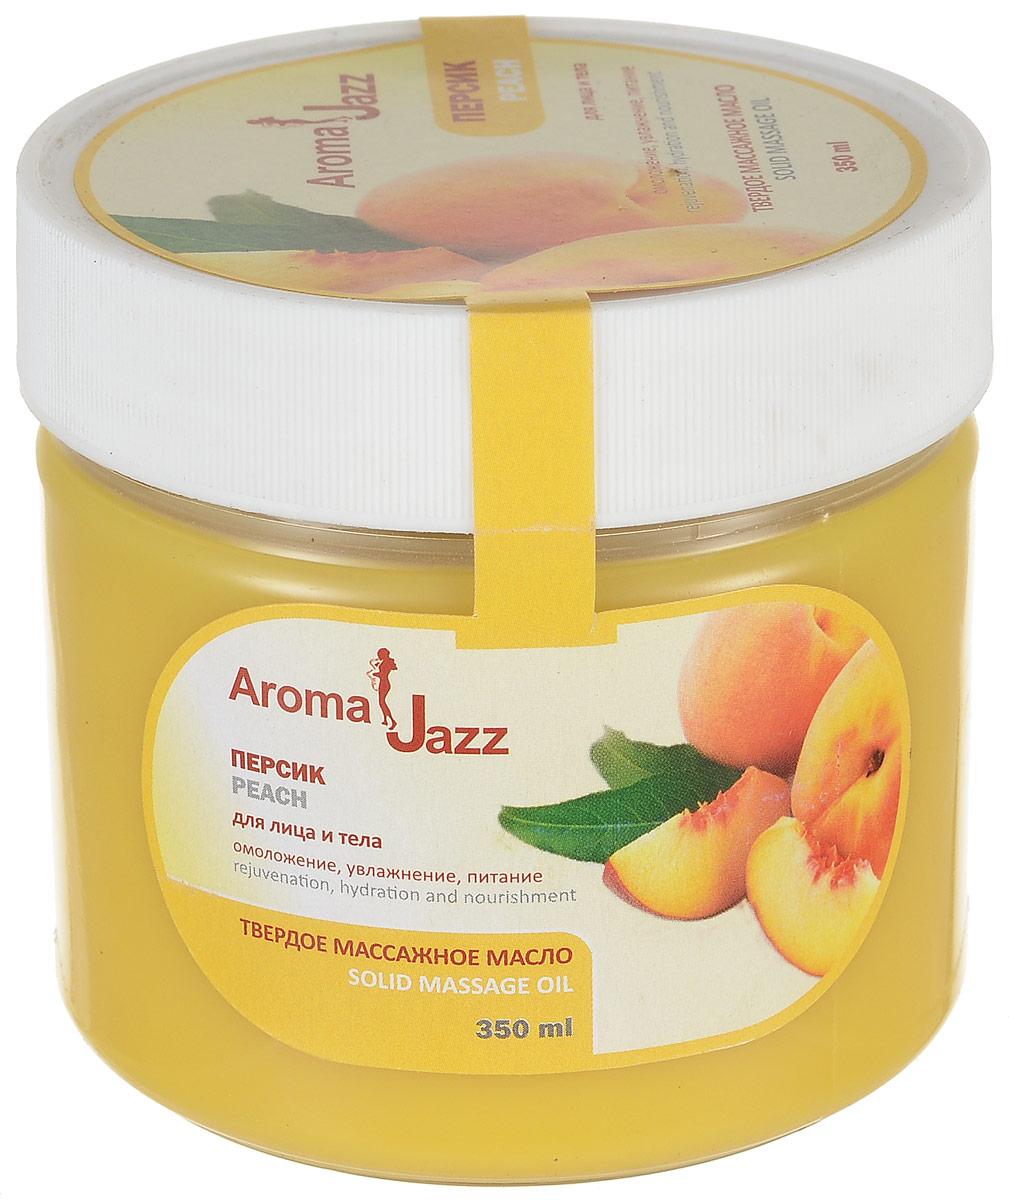 Aroma Jazz Твердое масло питательное Персик, 300 мл0108Действие: омолаживает, питает и подтягивает кожу, стимулирует обменные процессы и способствует профилактике увядания тканей, сохраняет естественный липидный баланс, снимает усталость и восстанавливает силы. Противопоказания: индивидуальная непереносимость компонентов продукта. Срок хранения: 24 месяца. После вскрытия упаковки использовать в течение 6 месяцев.